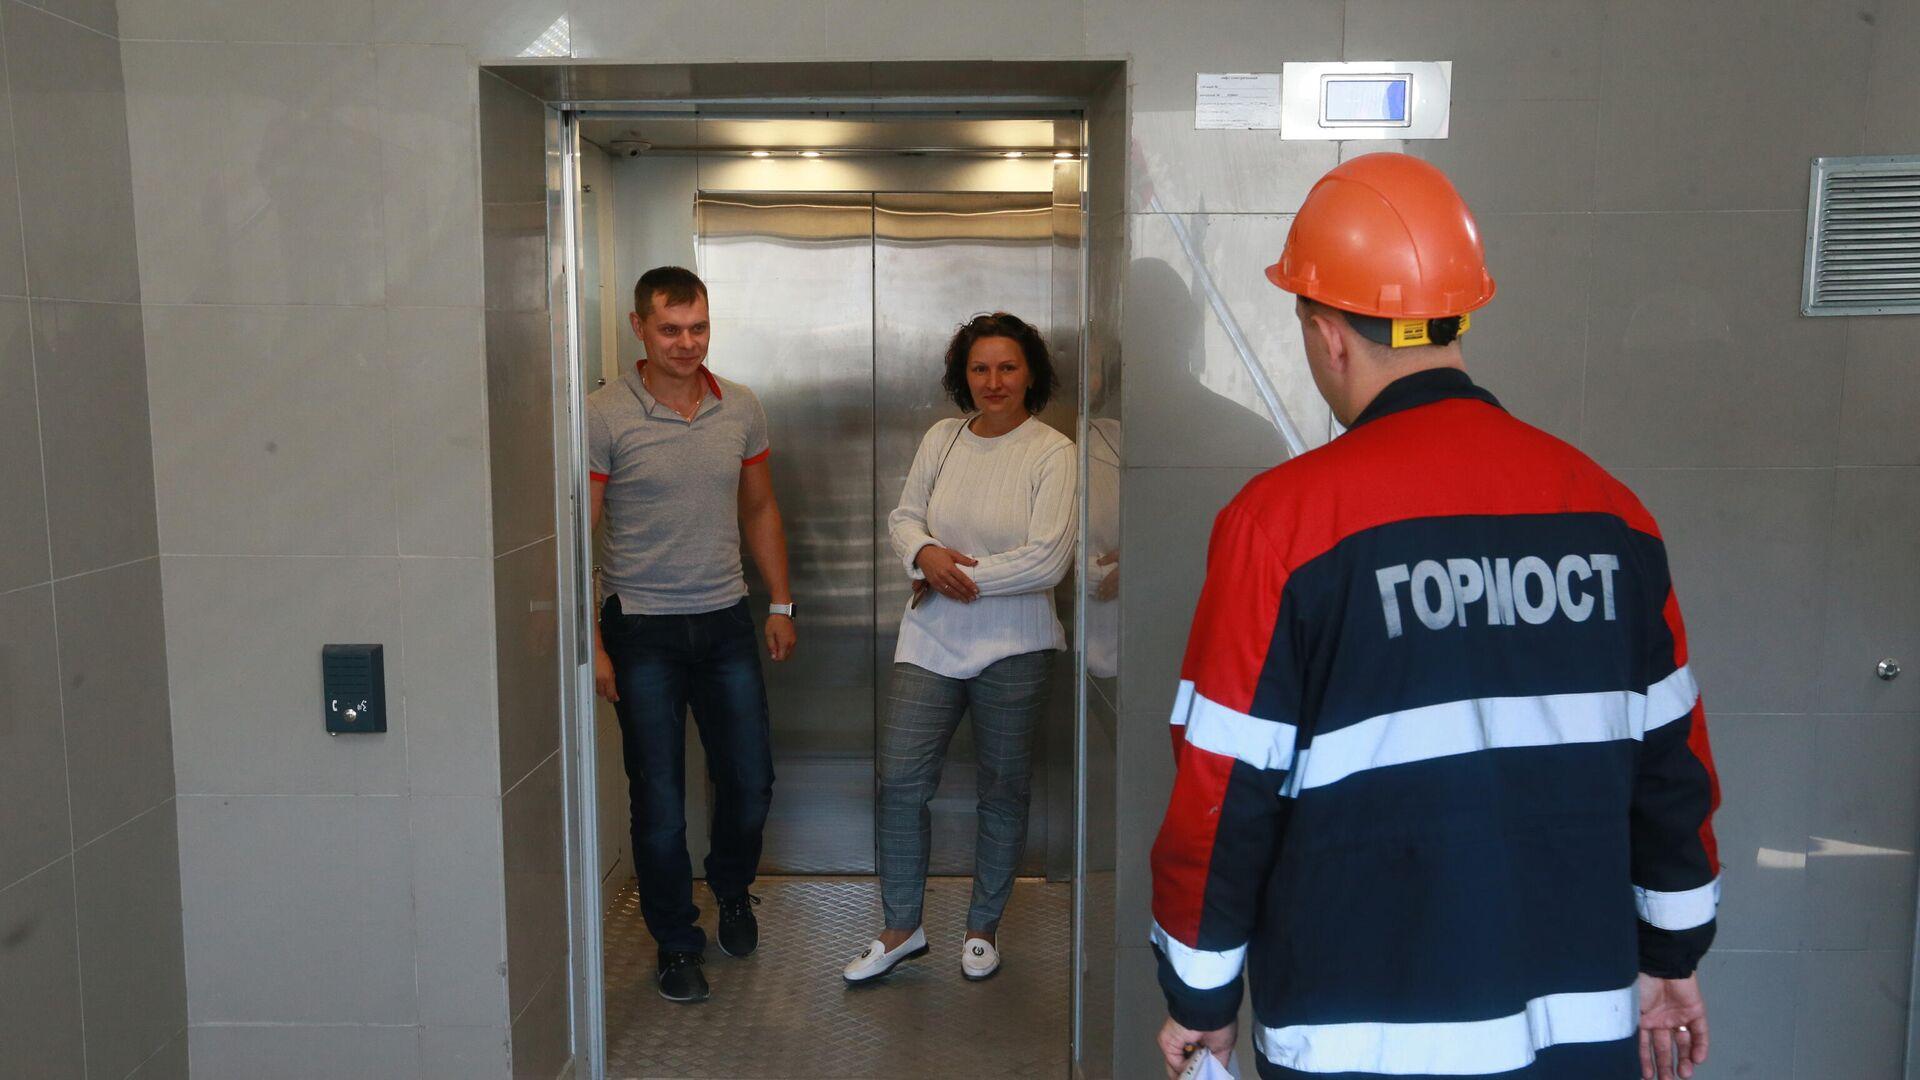 Лифт ГБУ Гормост в подземном переходе - РИА Новости, 1920, 16.09.2019